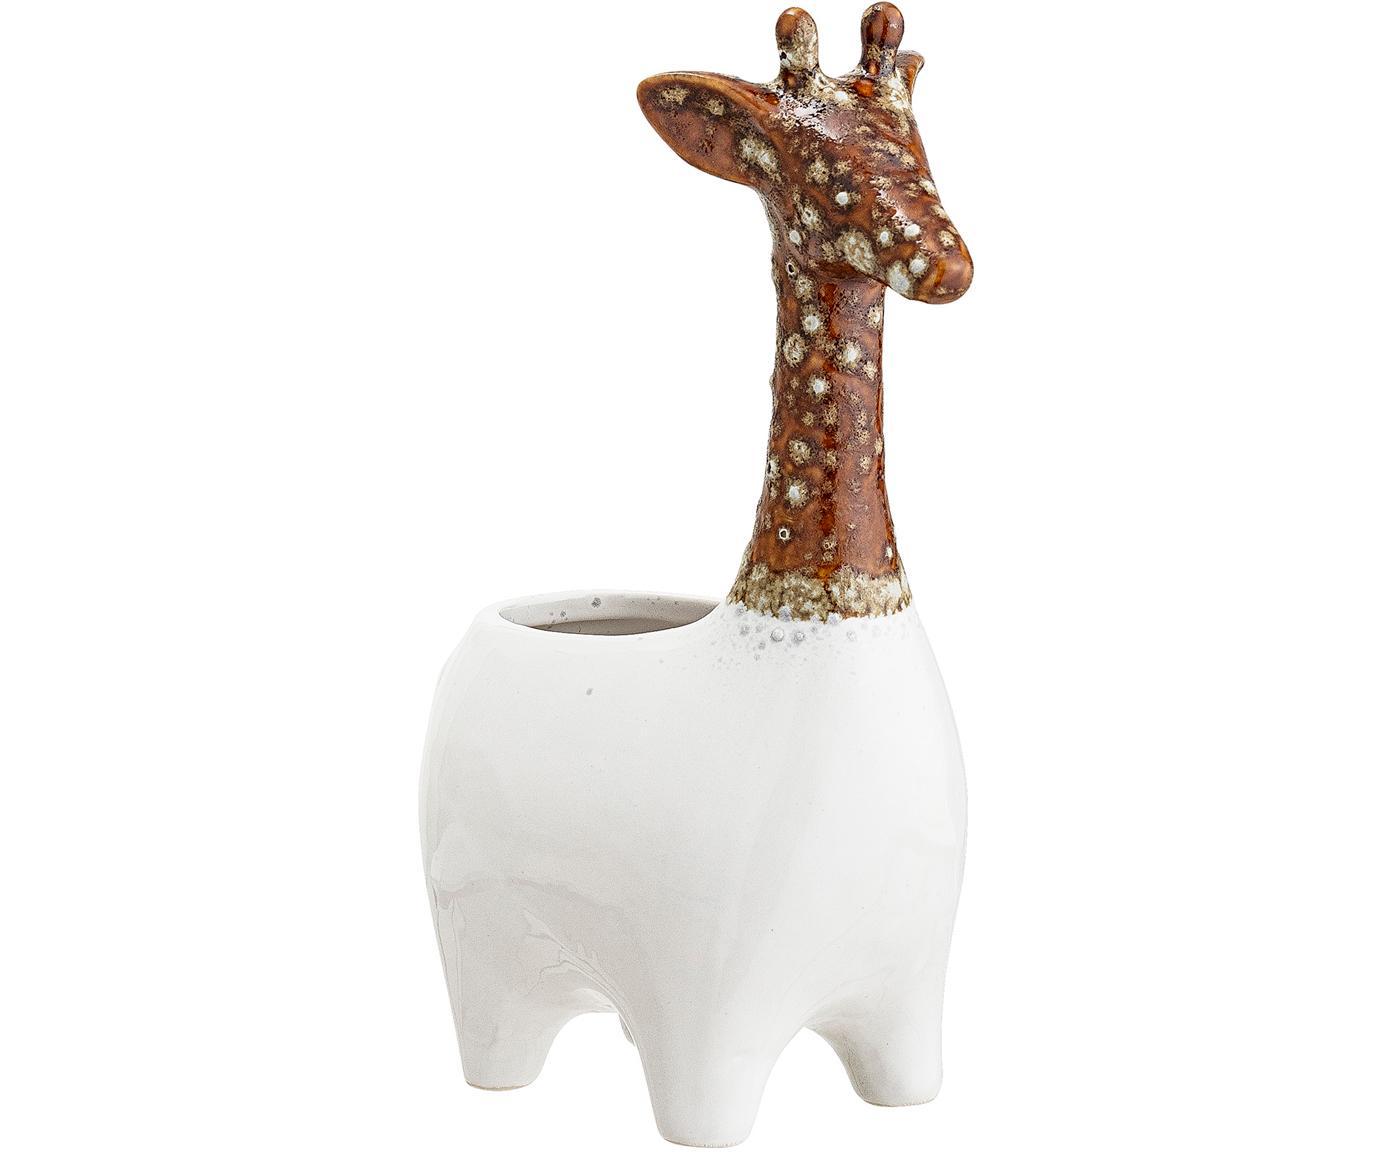 Handgefertigter Übertopf Giraffe aus Steingut, Steingut, Weiß, Braun, 17 x 25 cm